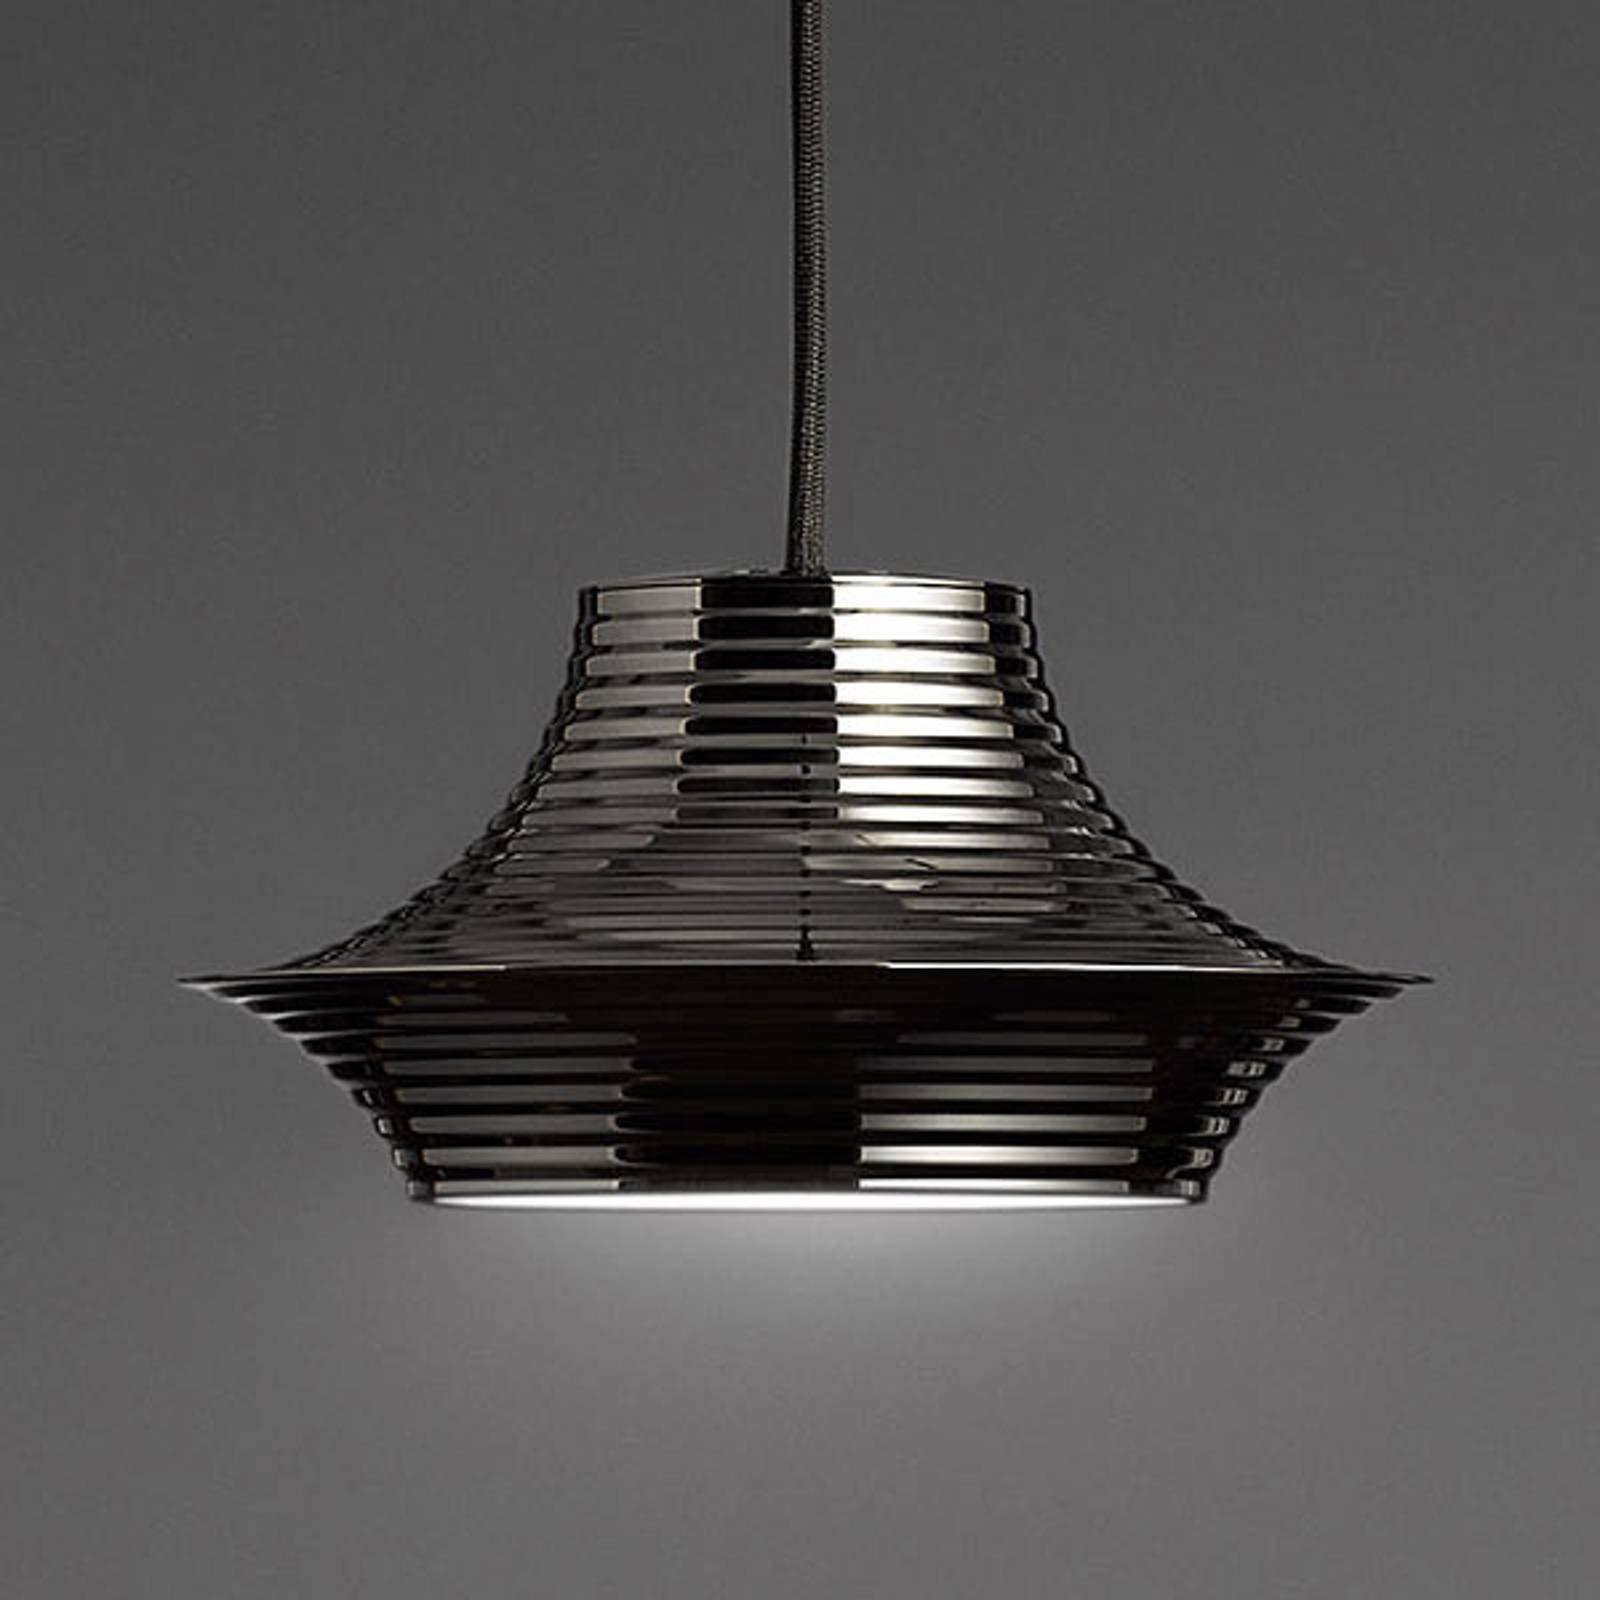 Bover Tibeta 03 - LED-hengelampe i krom-svart